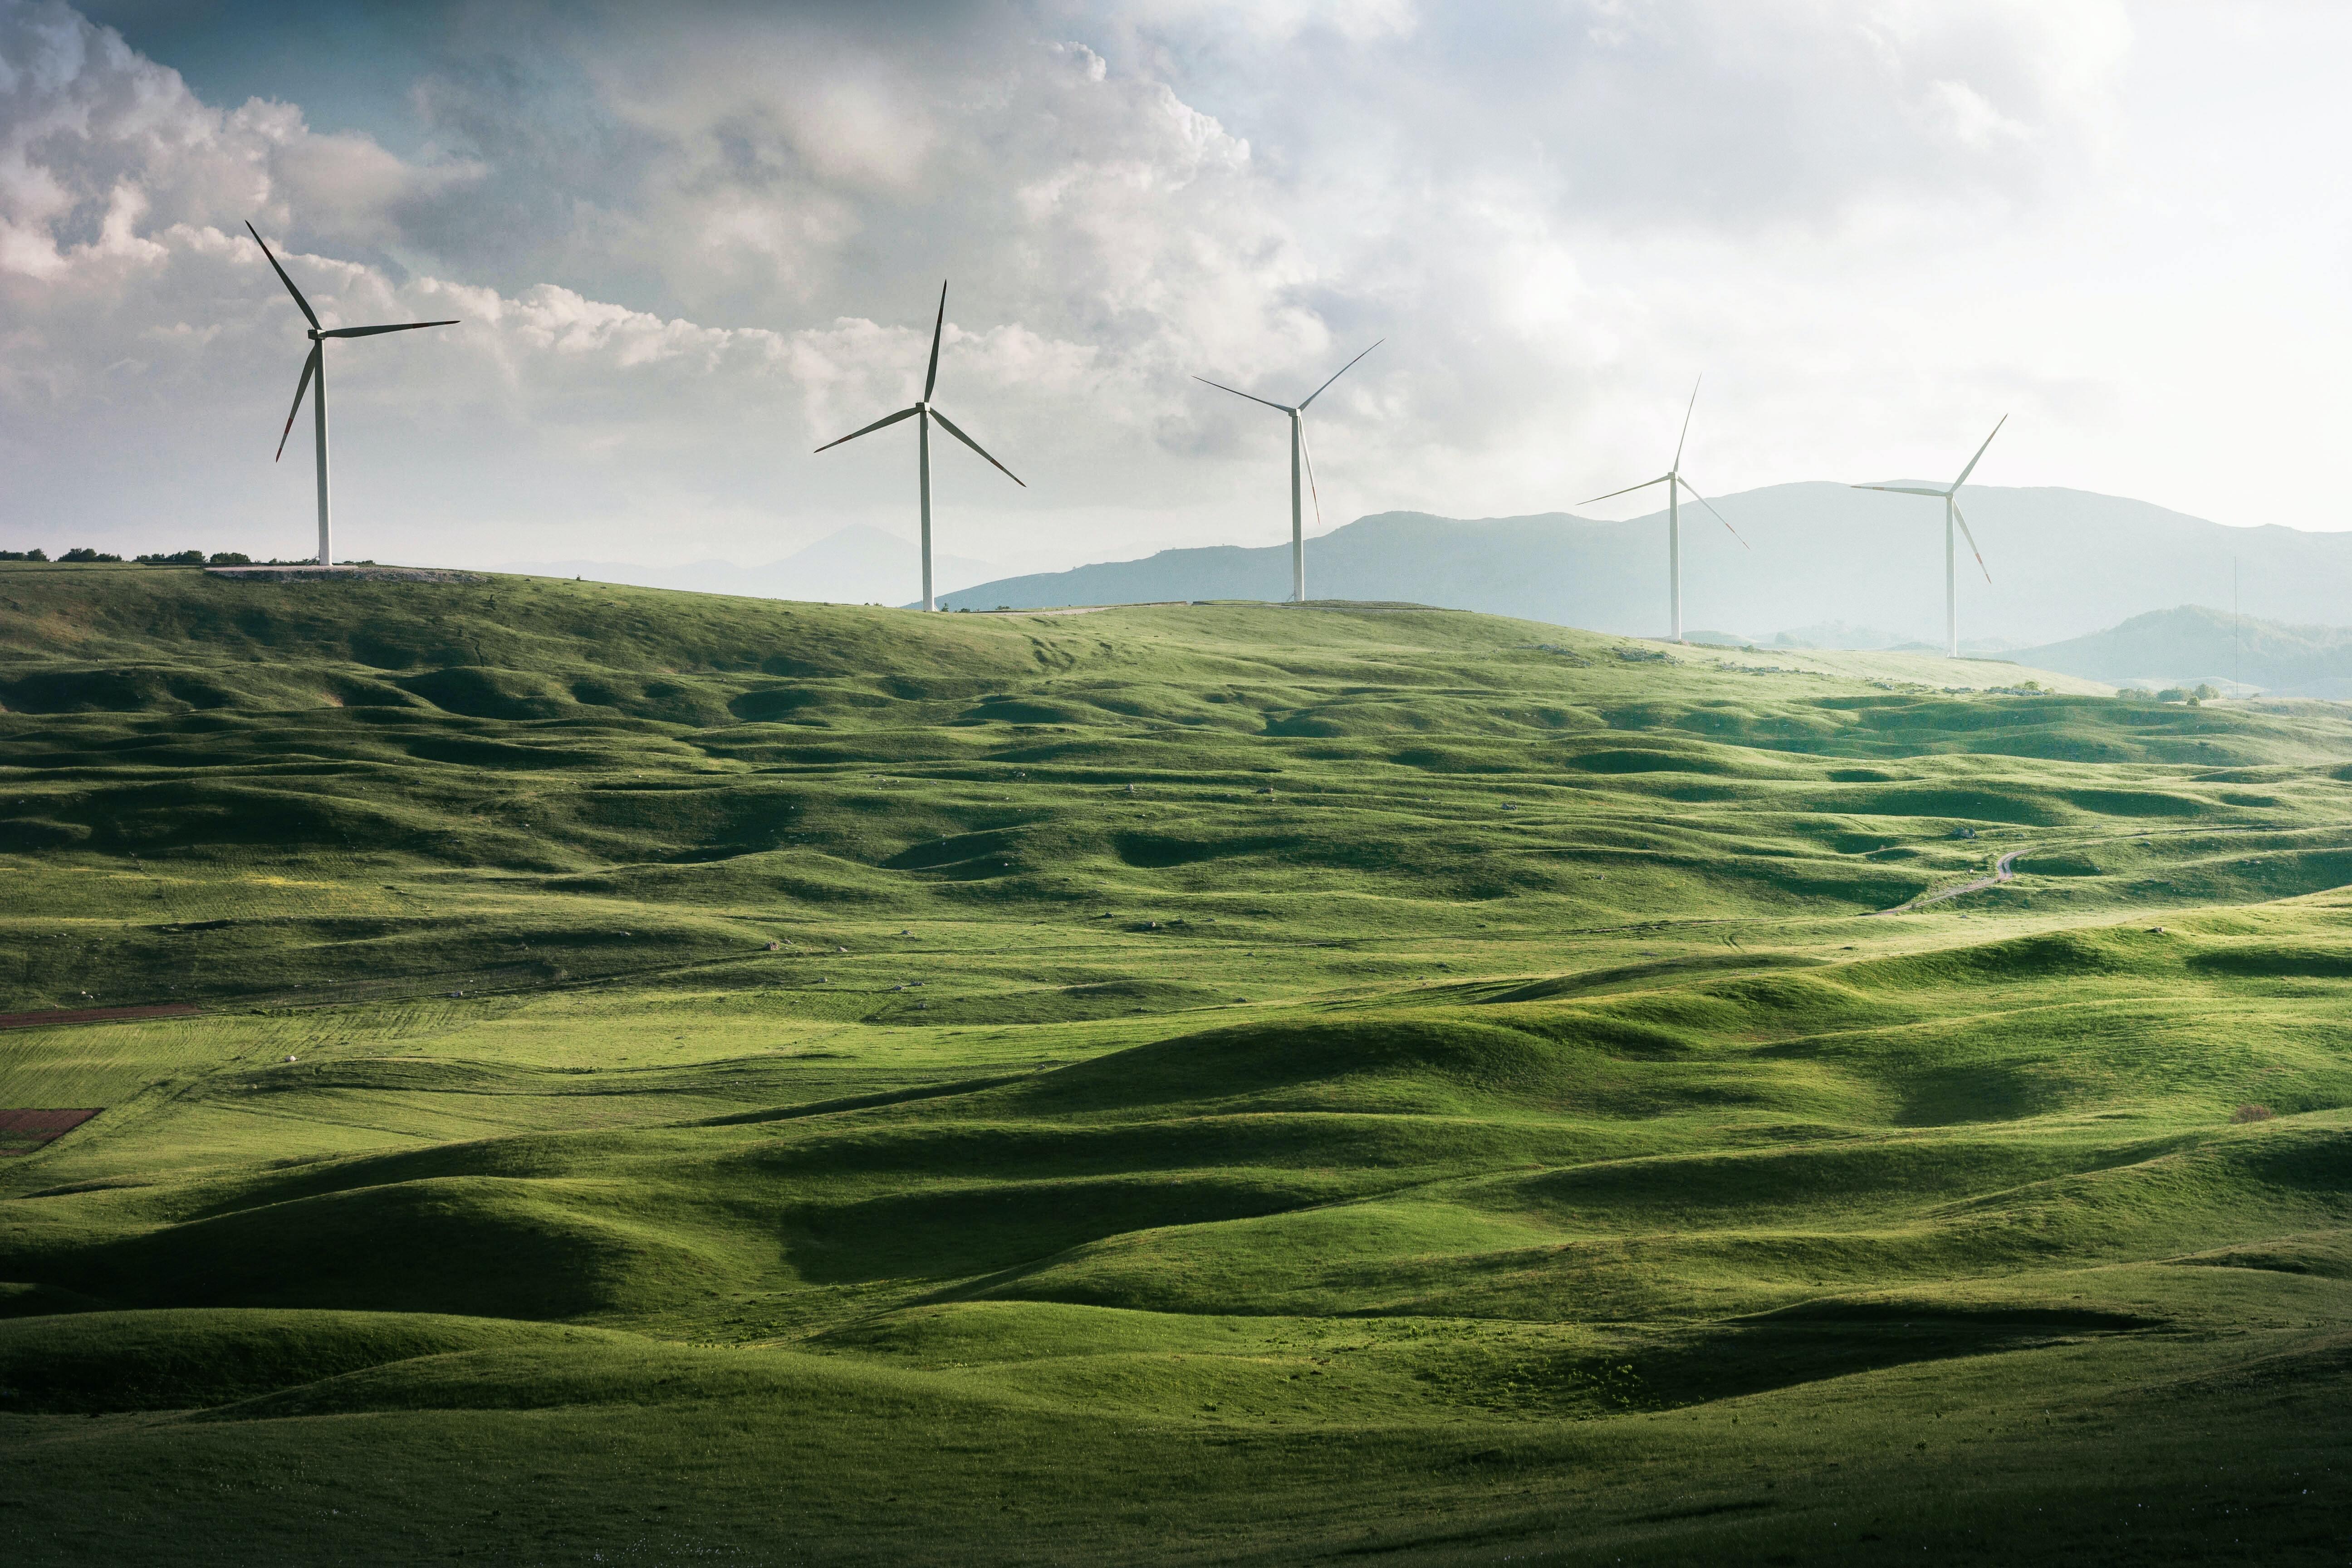 Les énergies renouvelables peuvent-elles sauver la planète ?